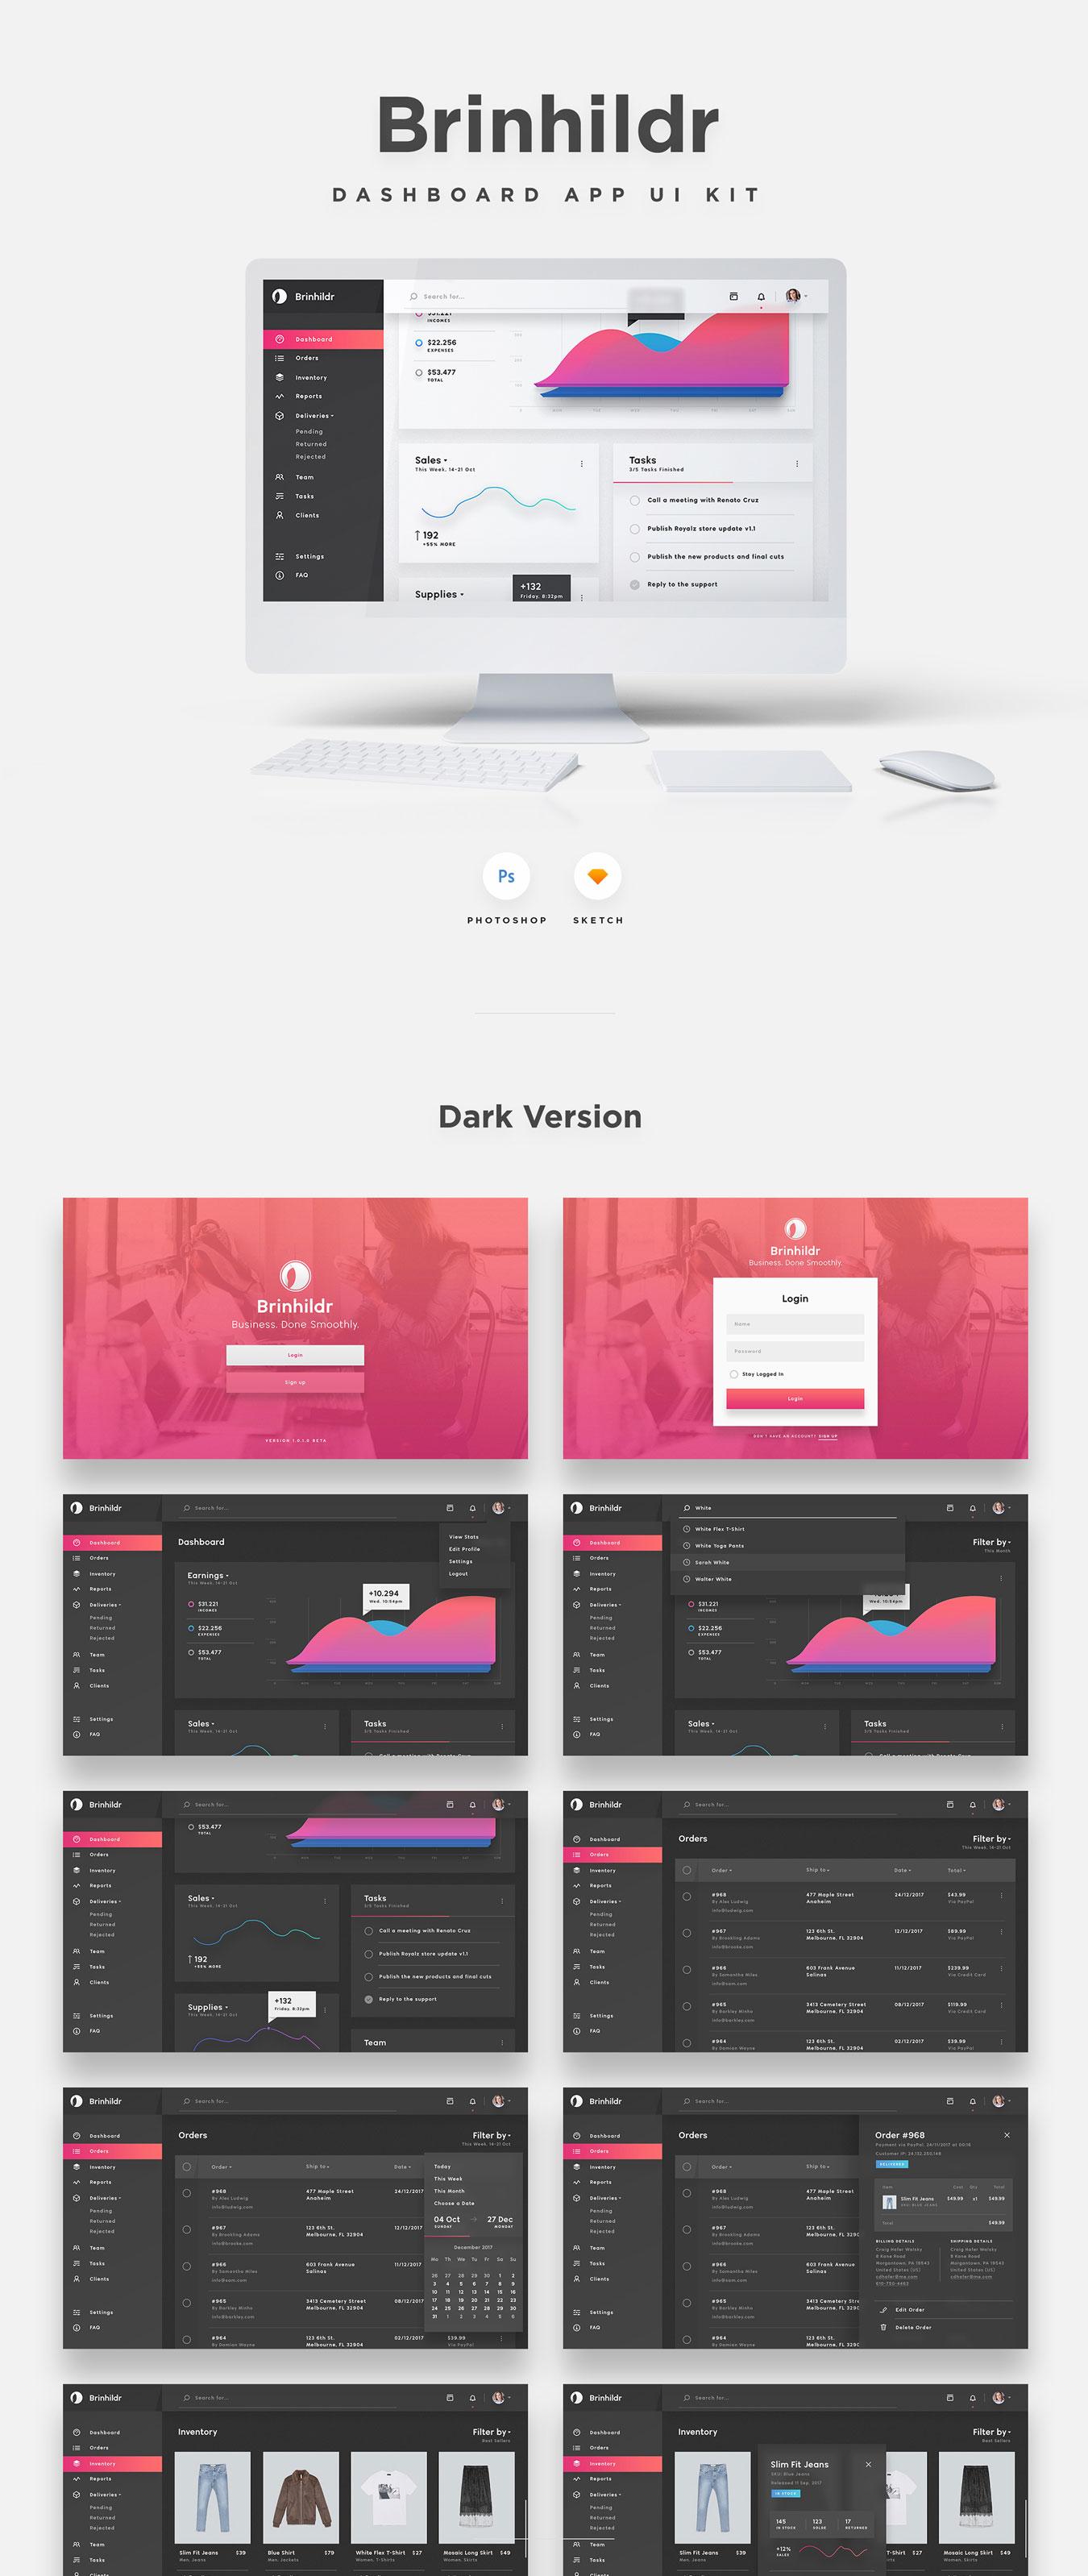 商城网站仪表盘后台管理系统WEB UI界面设计套件 Brinhildr – Dashboard Web UI Kit插图(5)